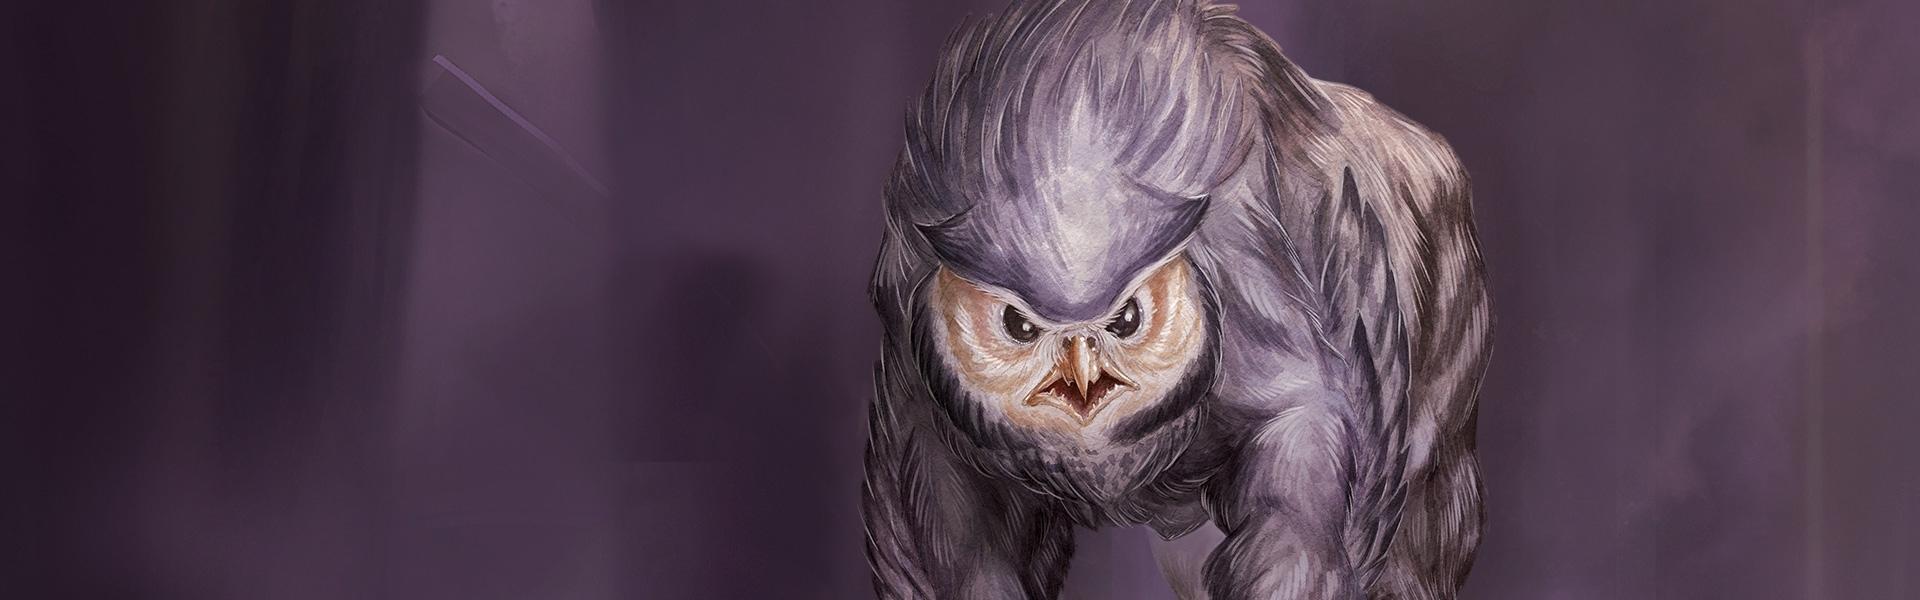 AN Owlbear